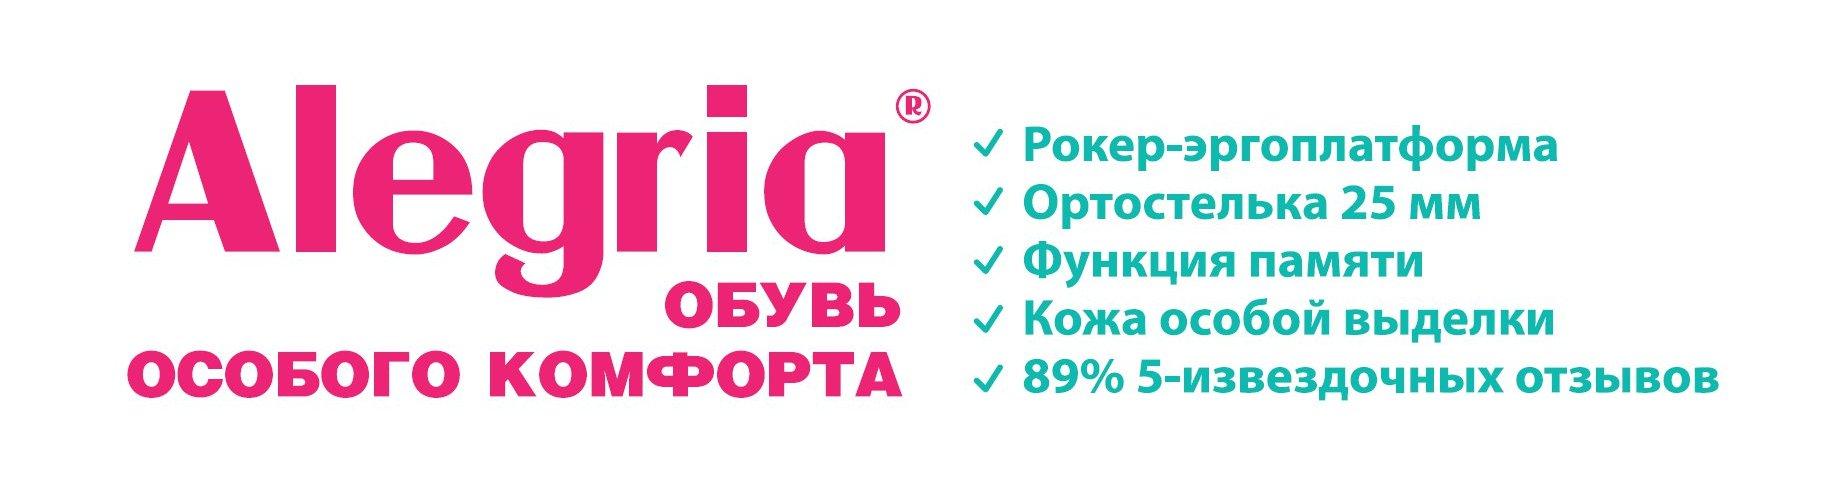 На рынке России возникла обувь особого комфорта Alegria